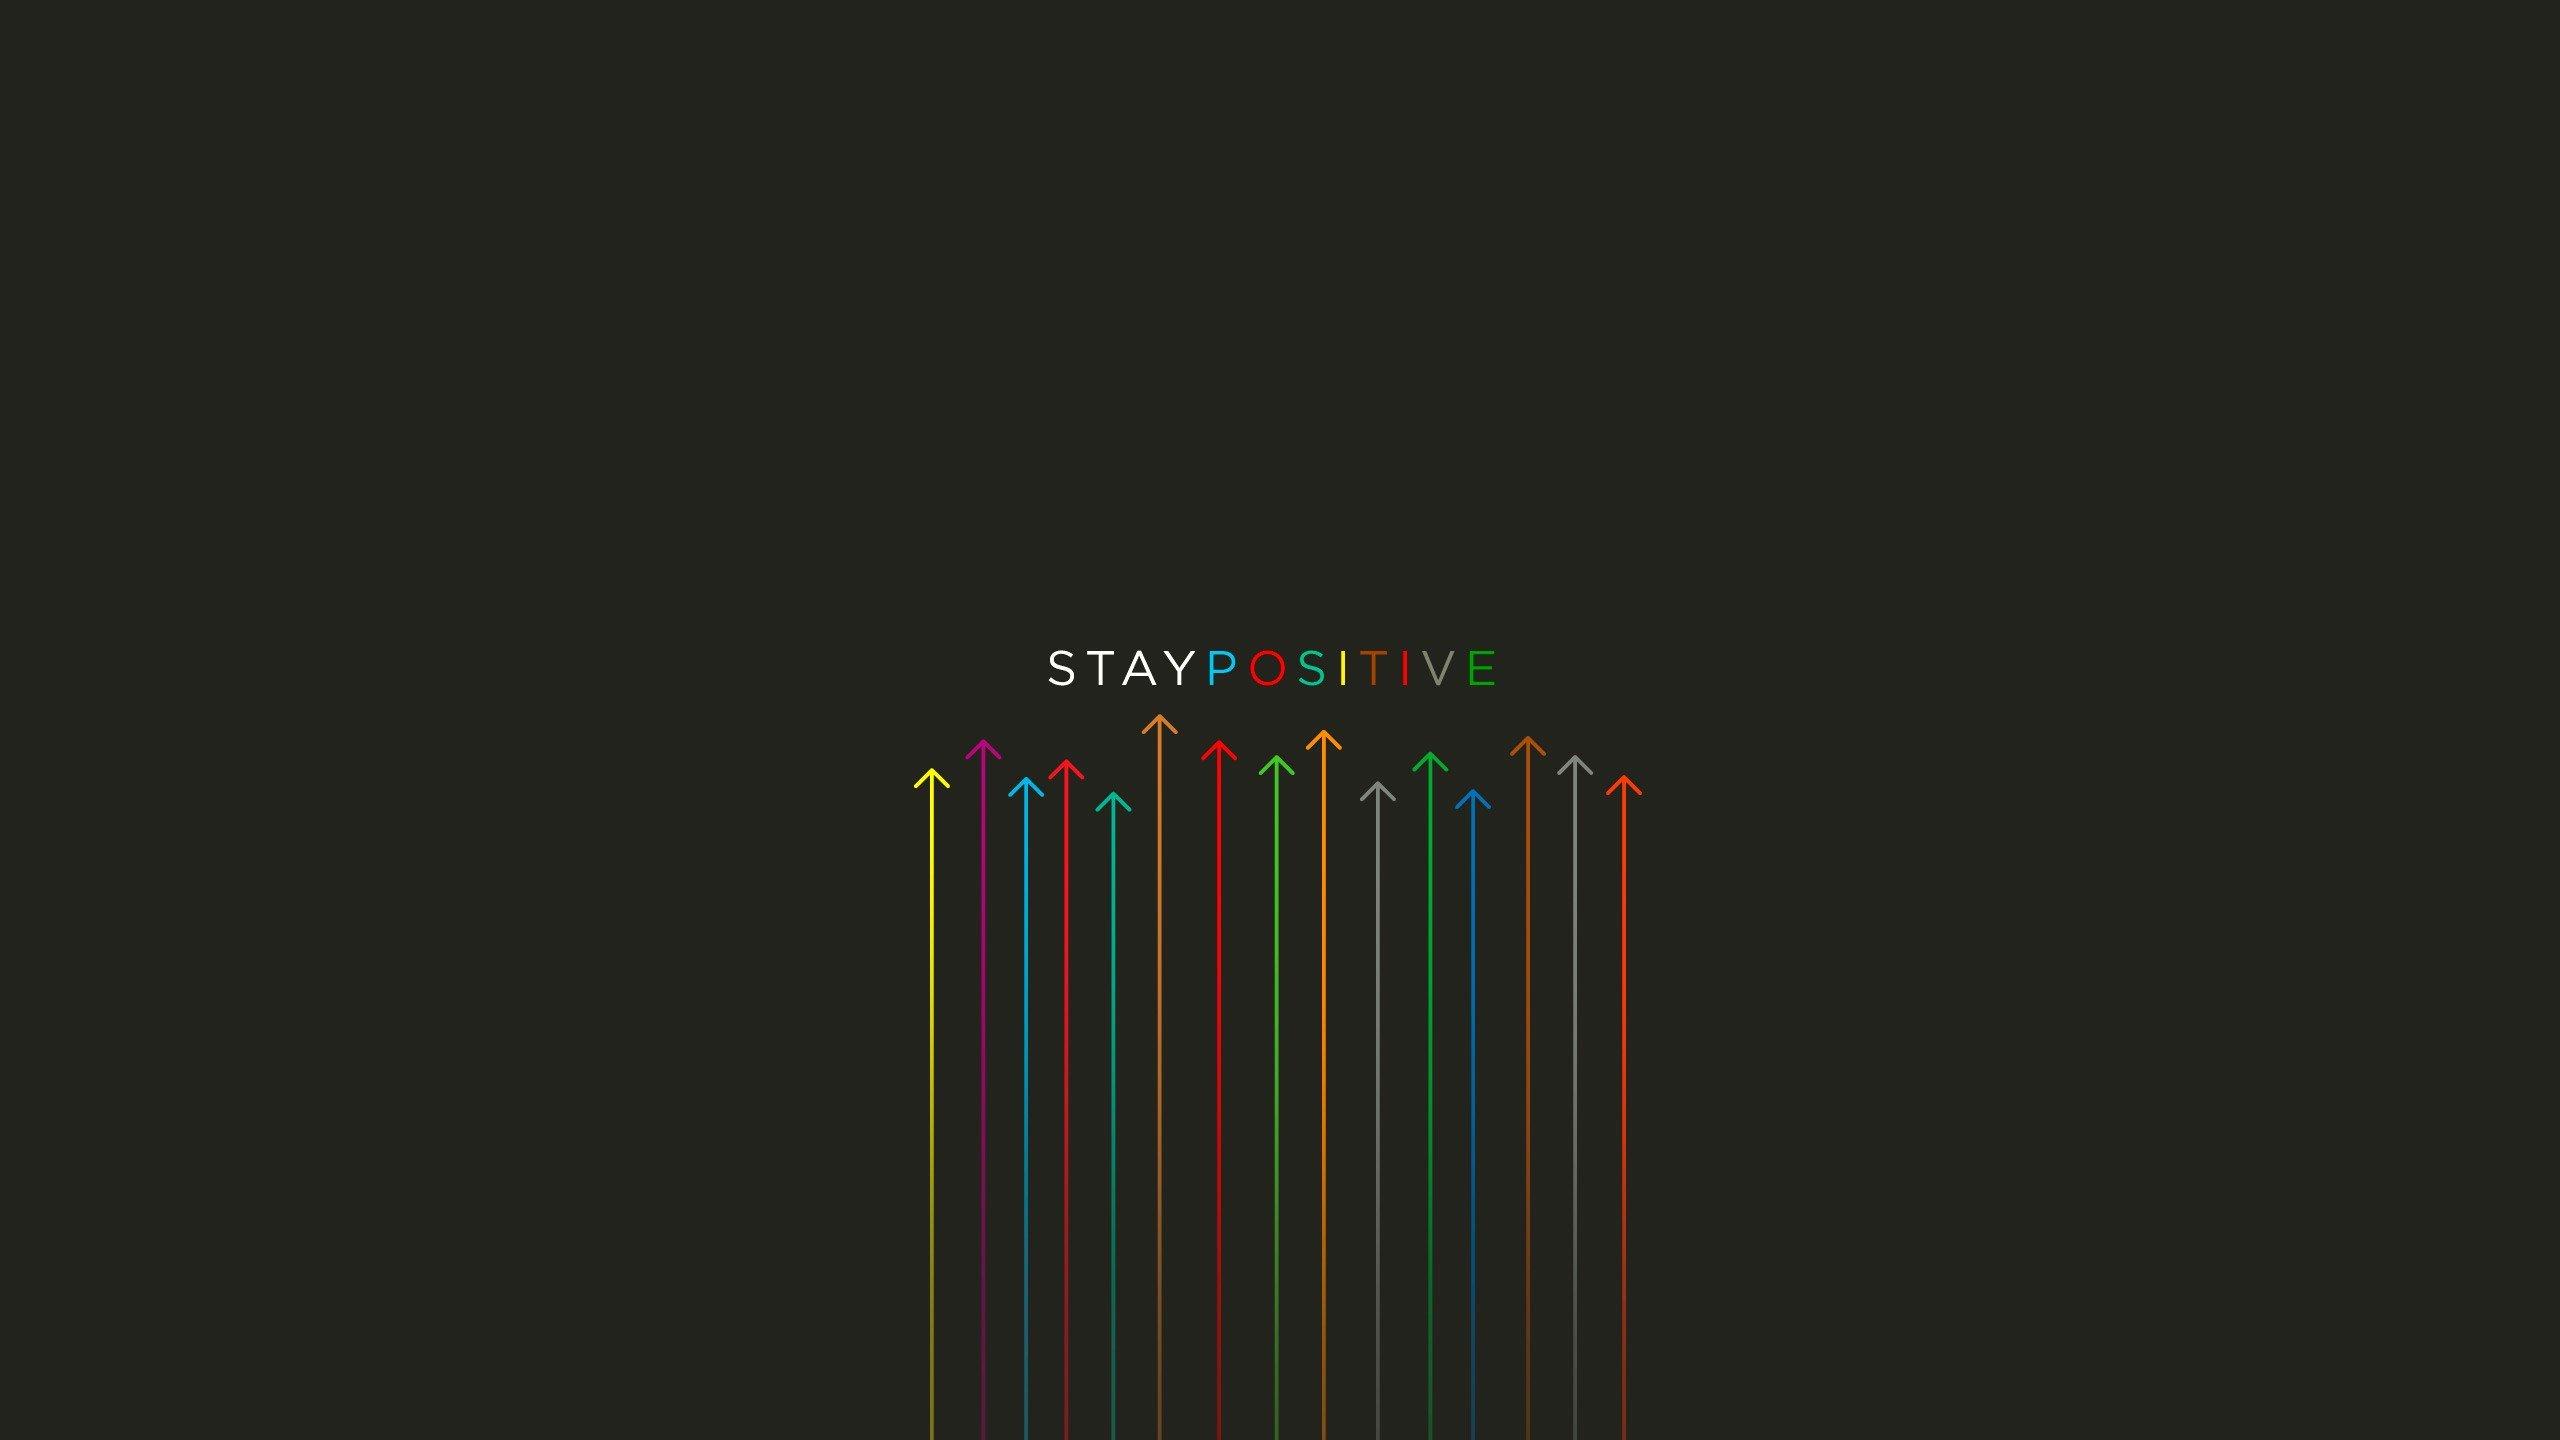 download hd 2560x1440 motivational & inspirational desktop wallpaper